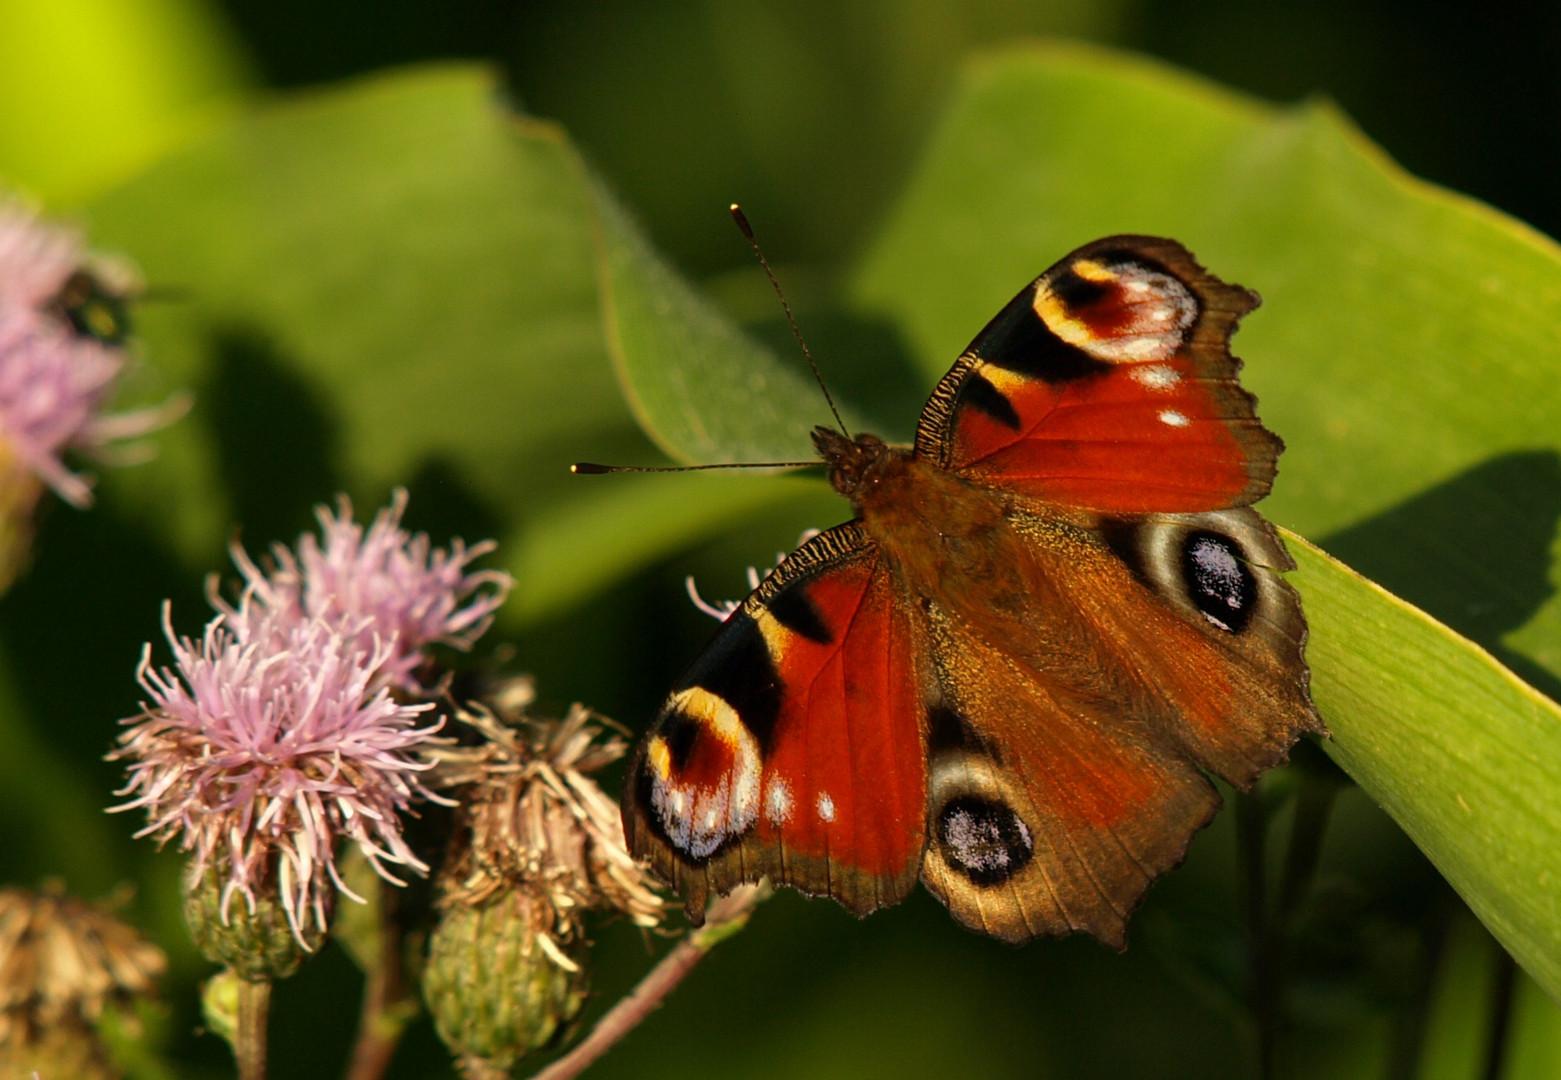 Weiteres vom Schmetterlingstag